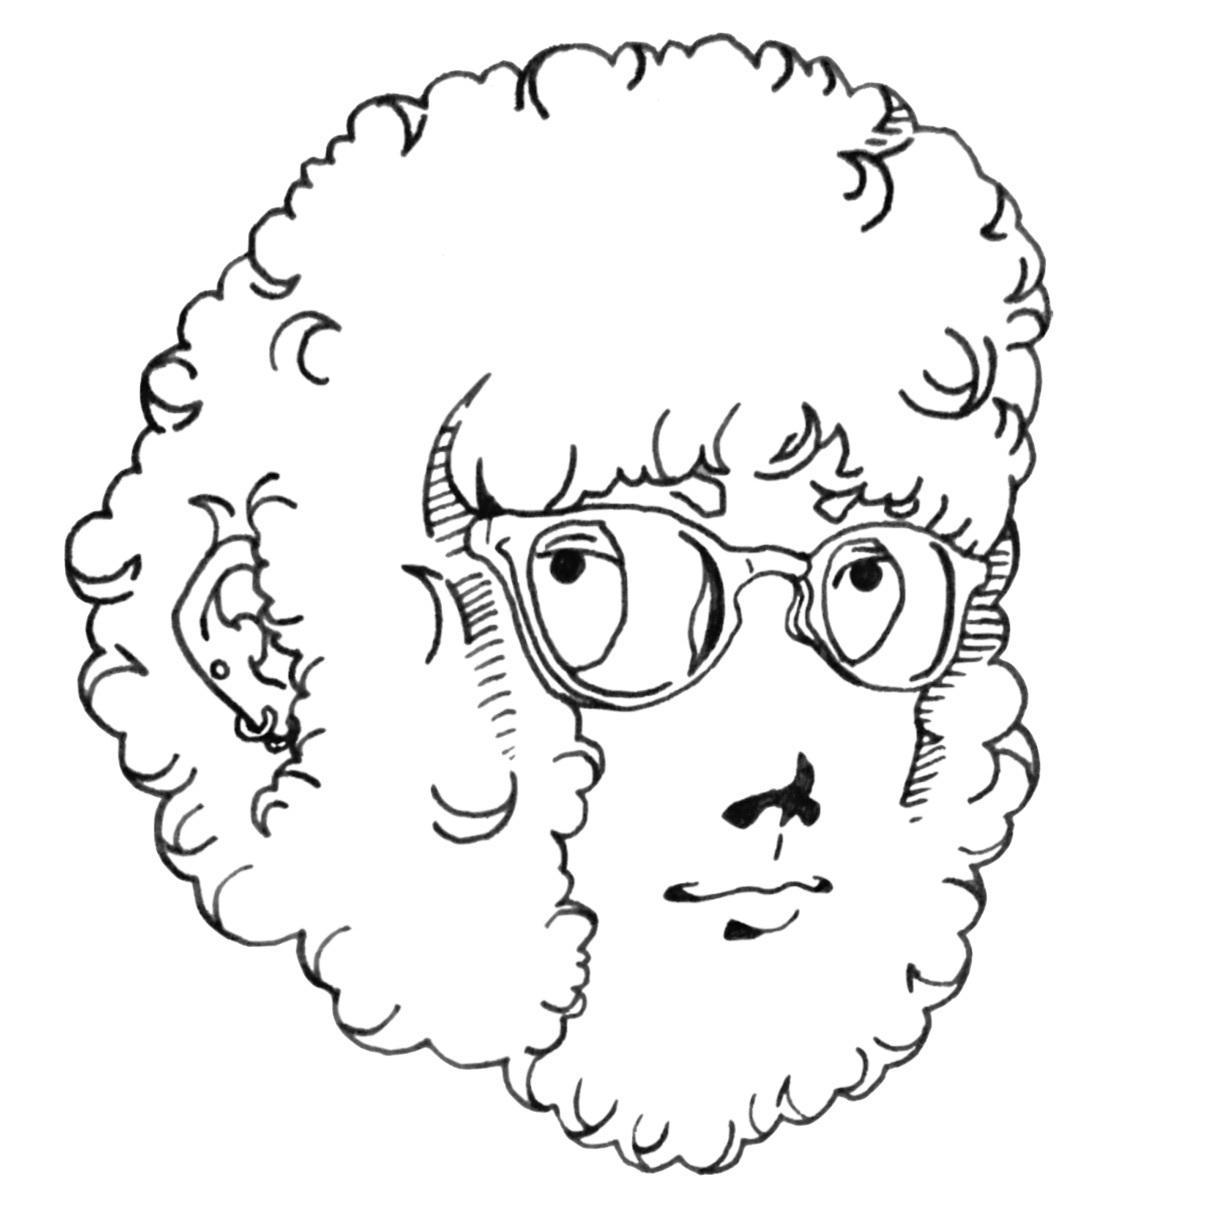 頂いた写真に忠実にオリジナル似顔絵作ります 白黒線画で、オリジナルスタイルの似顔絵描きます。